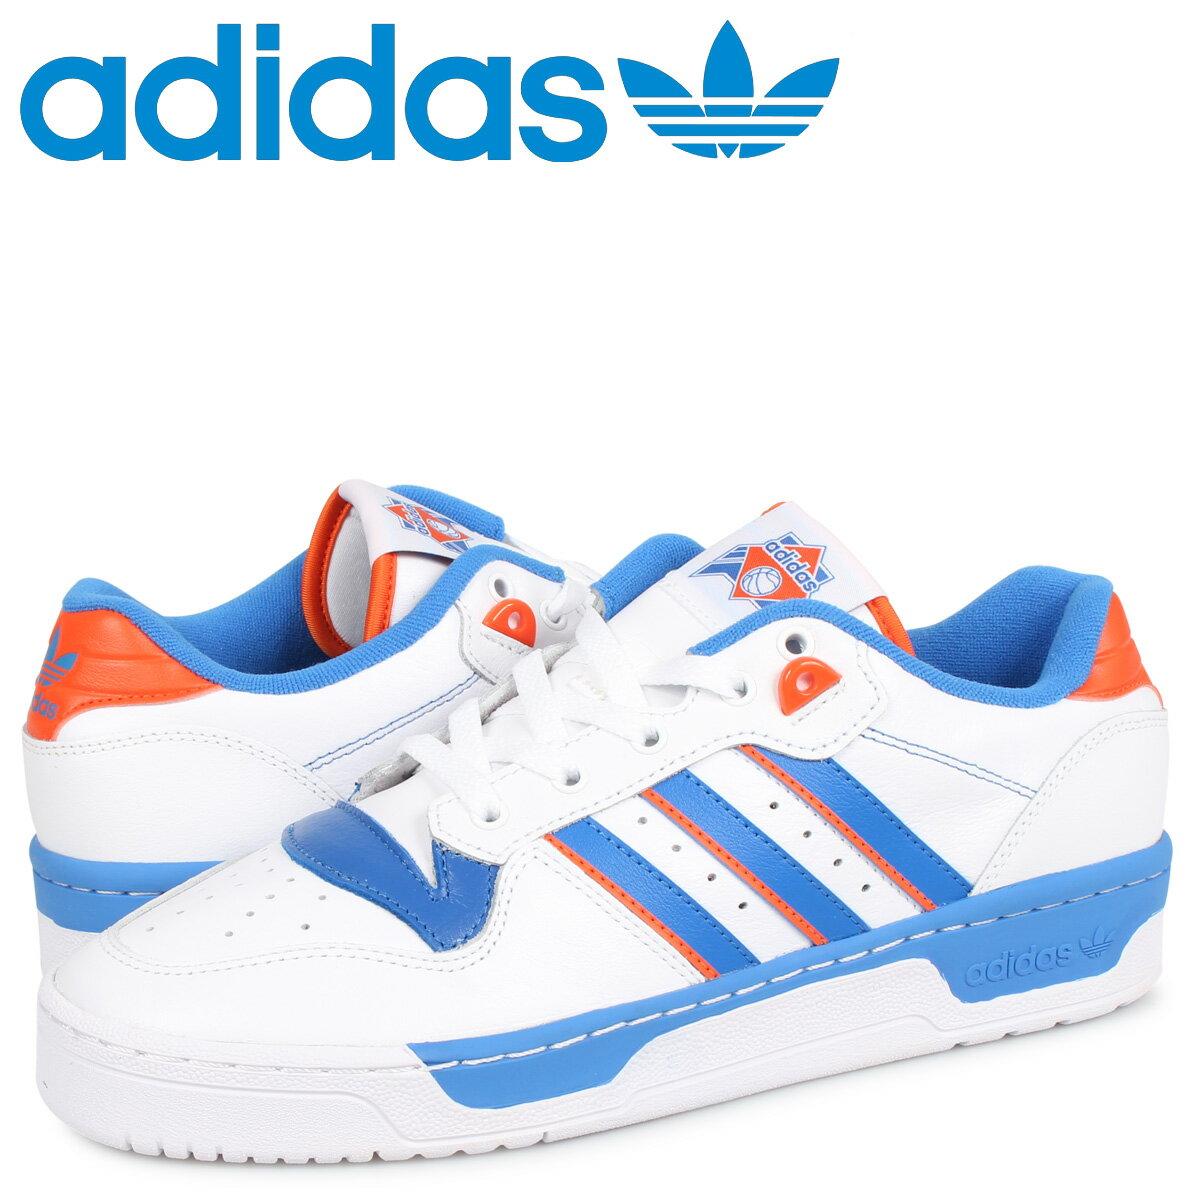 メンズ靴, スニーカー 2000OFF adidas Originals RIVALRY LOW FU6833